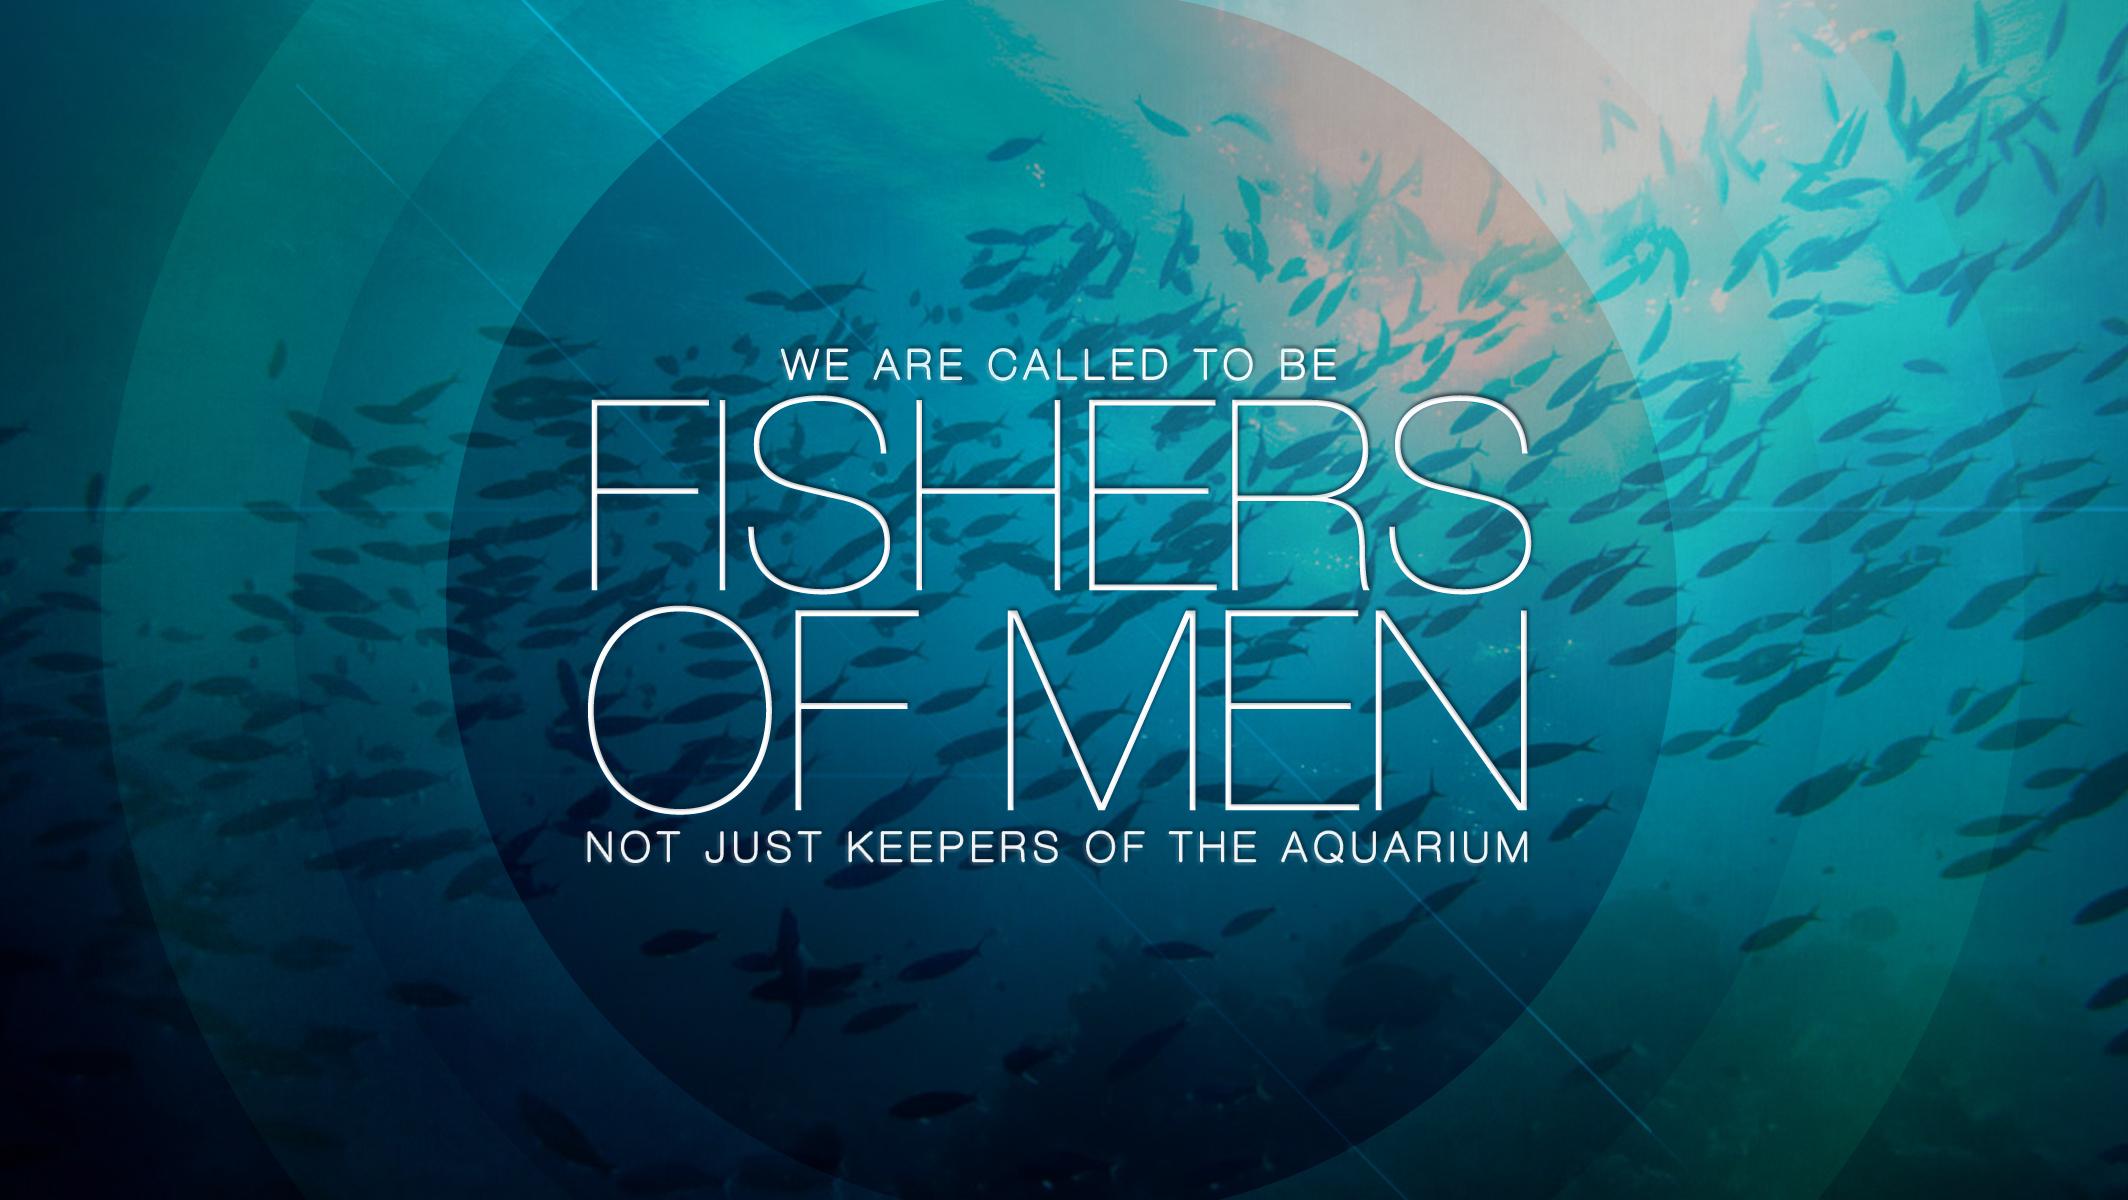 Fish aquarium quotes - Cast The Nets